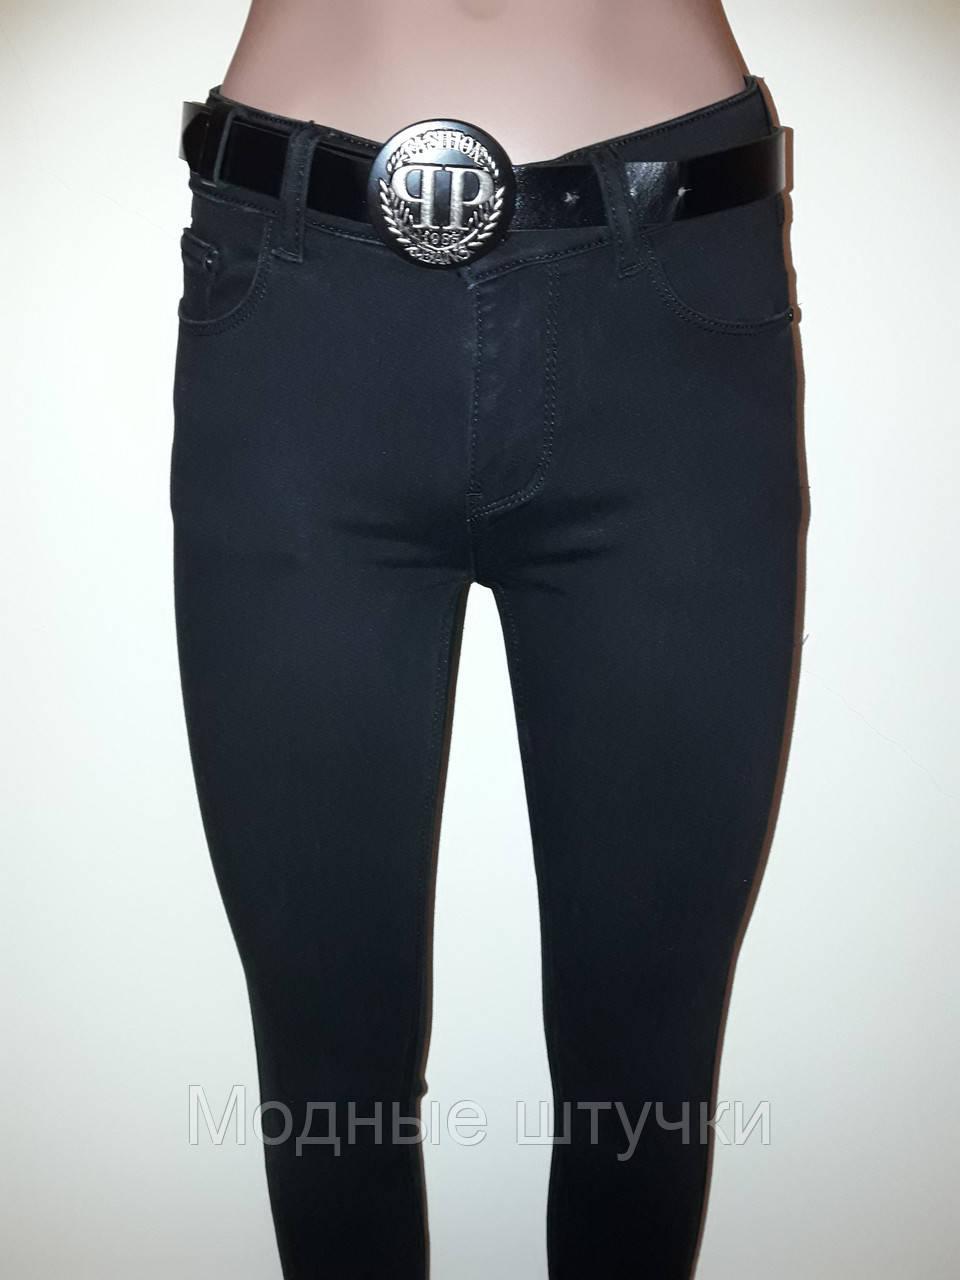 b46626b776e Черные джинсы женские утепленные